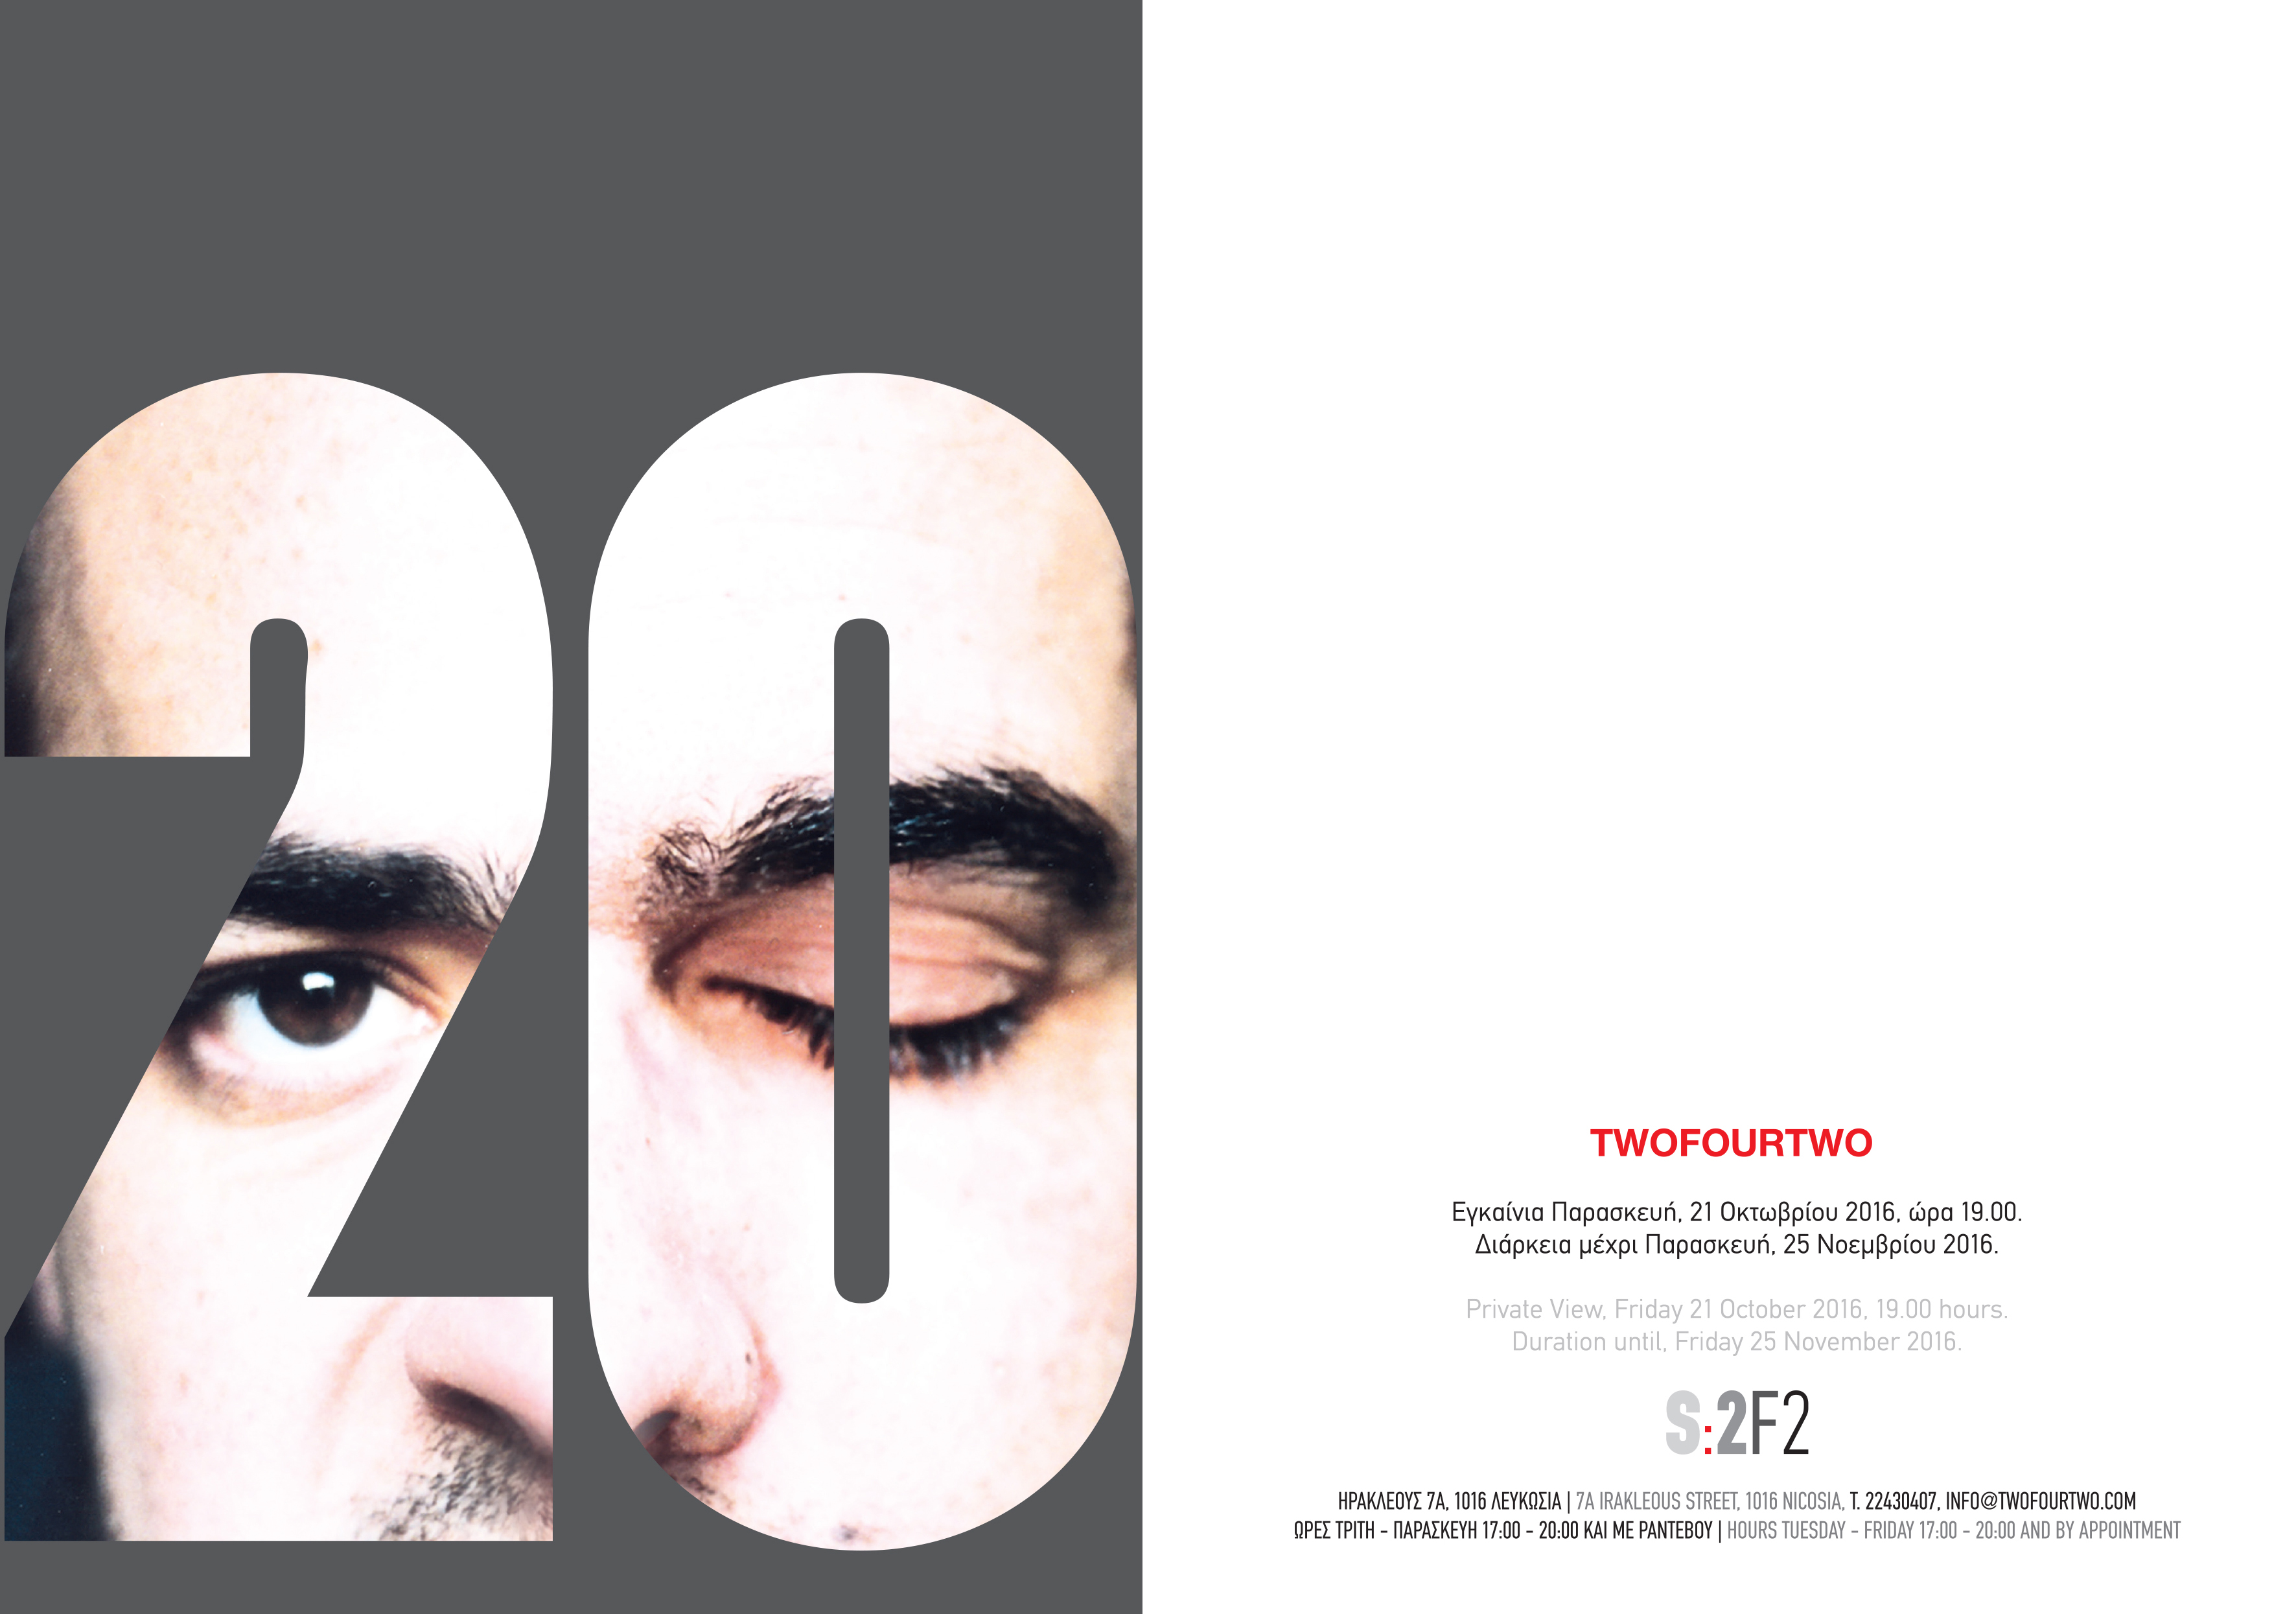 Πρόσκληση στα εγκαίνια της έκθεσης '20' της ομάδας TWOFOURTWO